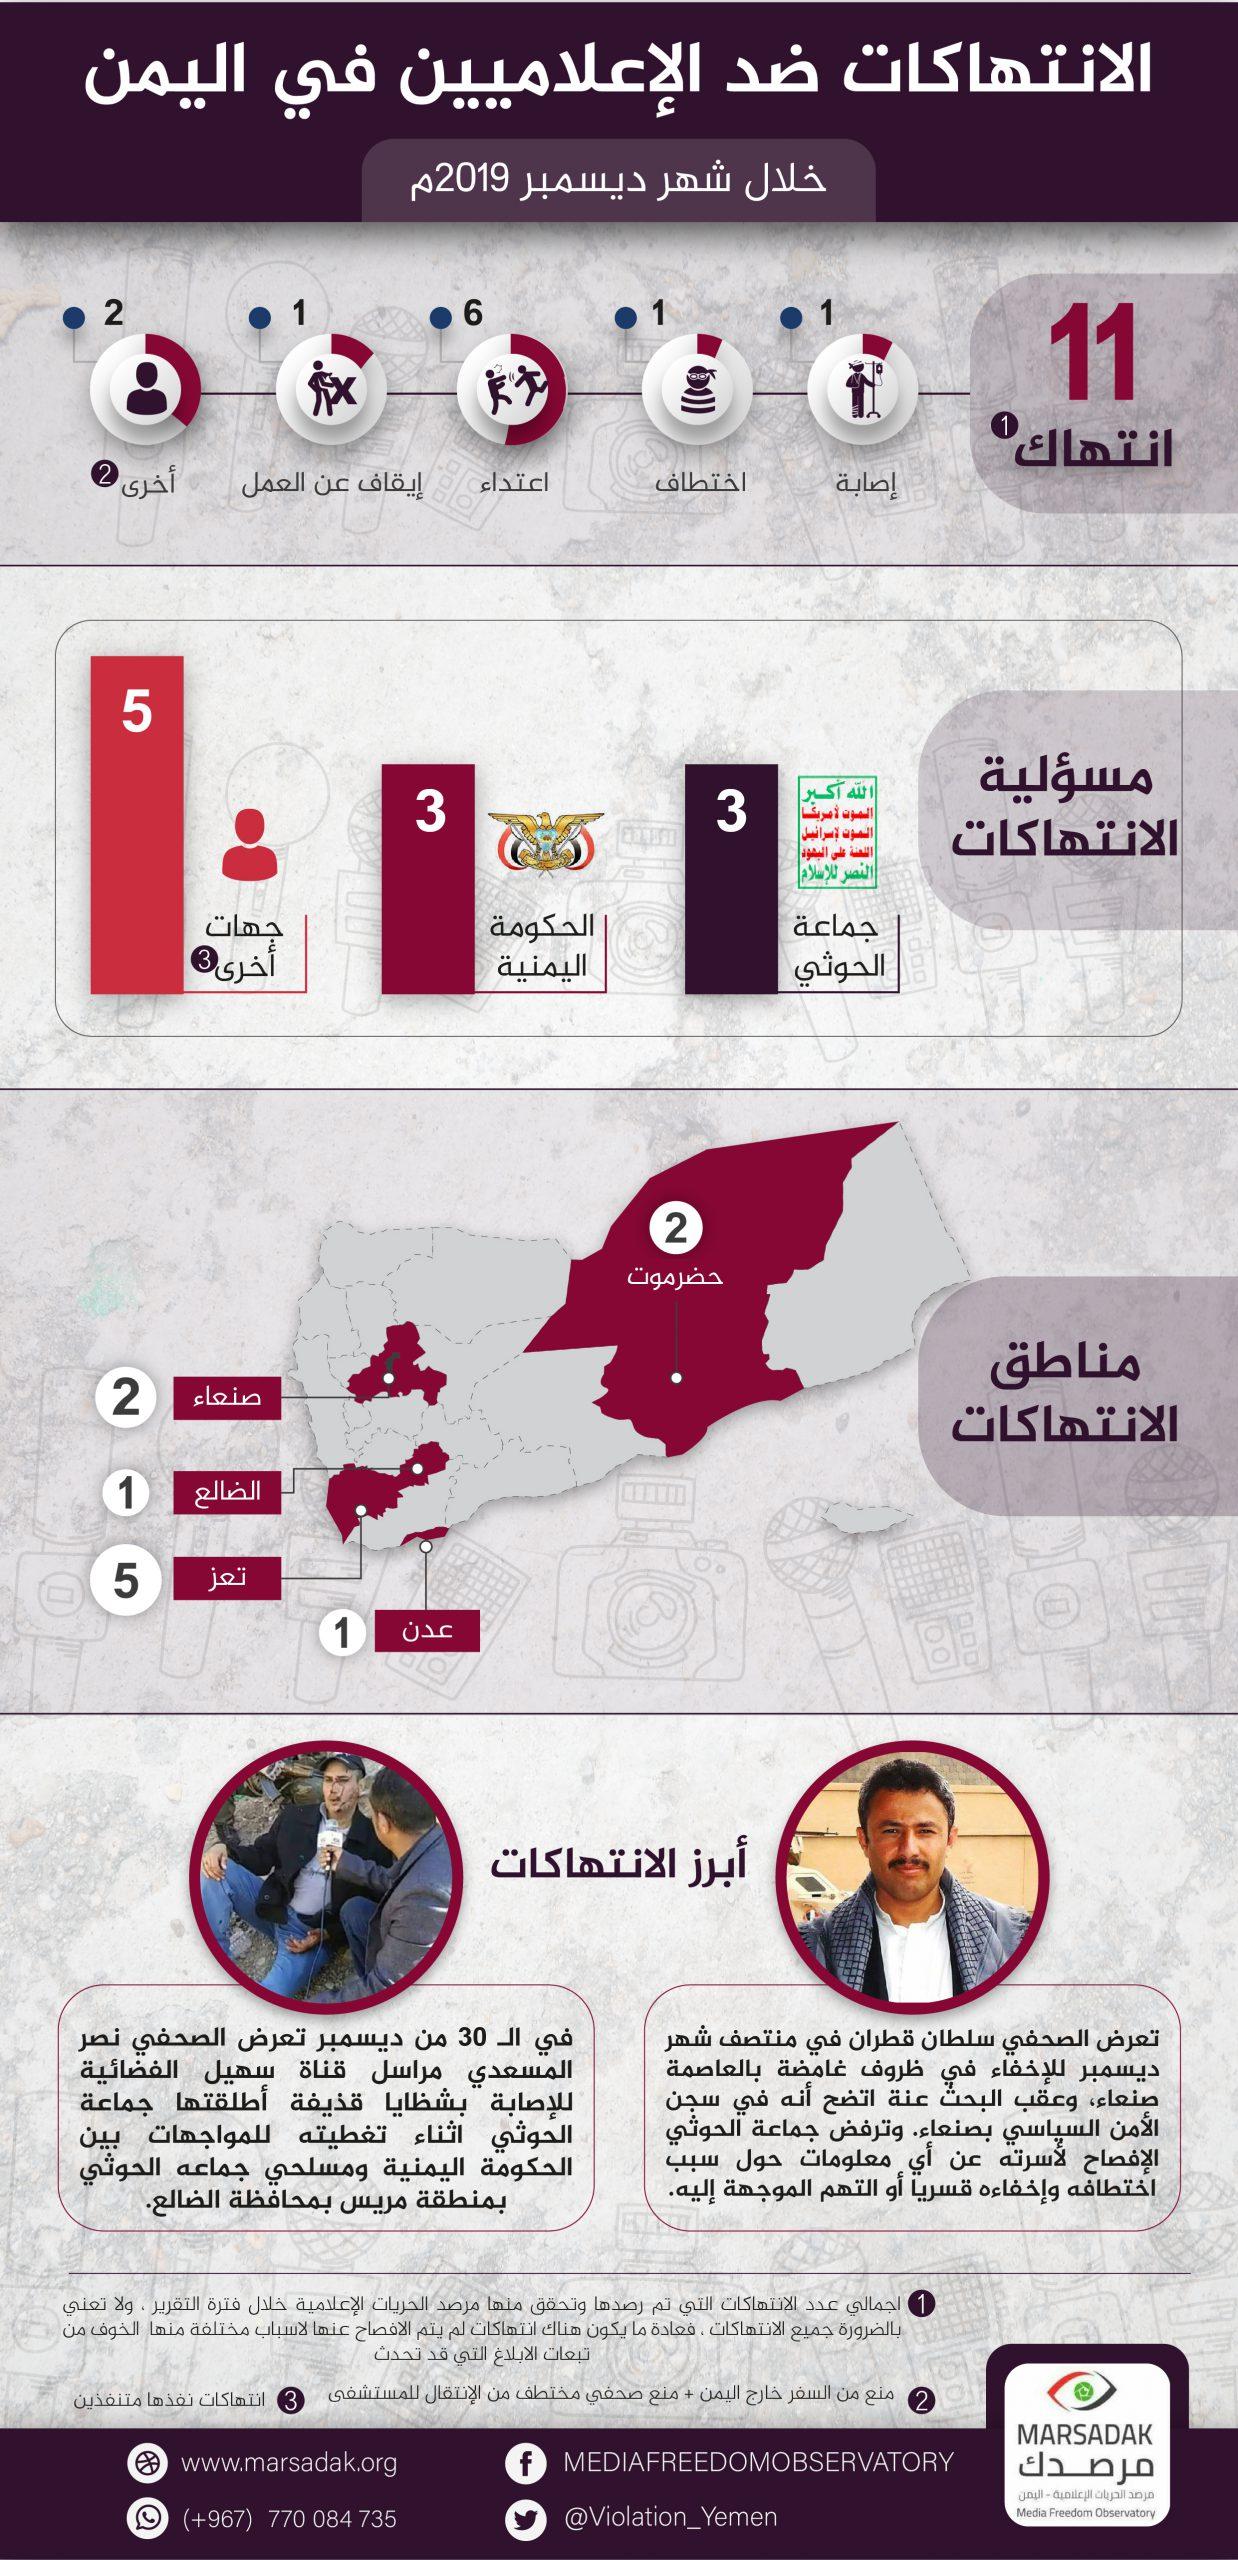 تقرير الحريات الاعلامية في اليمن خلال شهر ديسمبر 2019